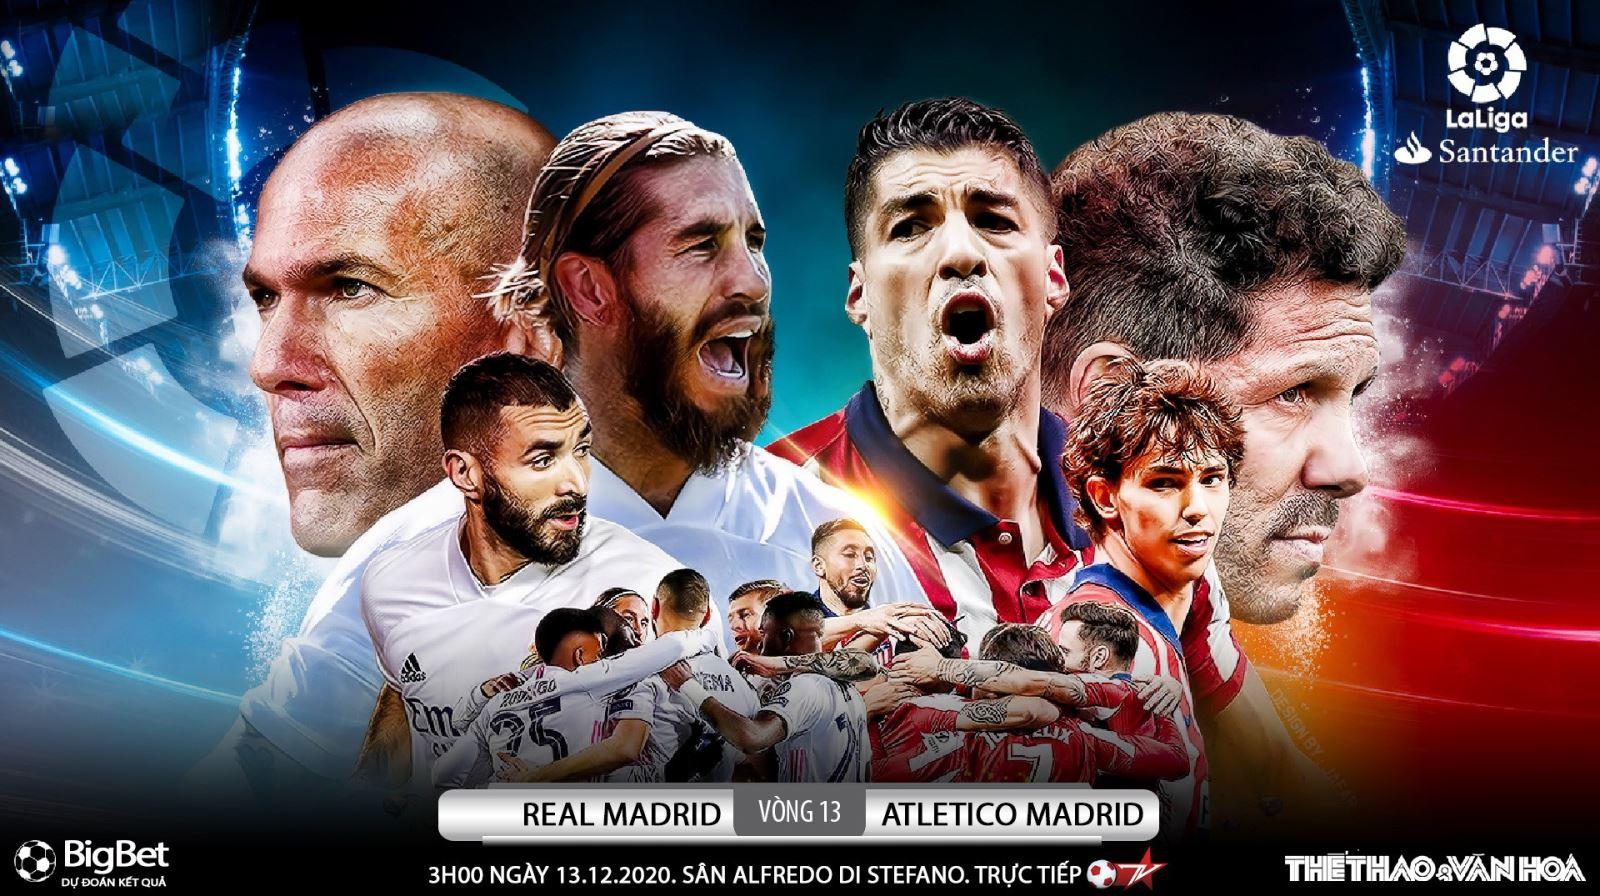 Soi kèo nhà cái Real Madrid vs Atletico Madrid. Vòng 13 Giải VĐQG Tây Ban Nha La Liga